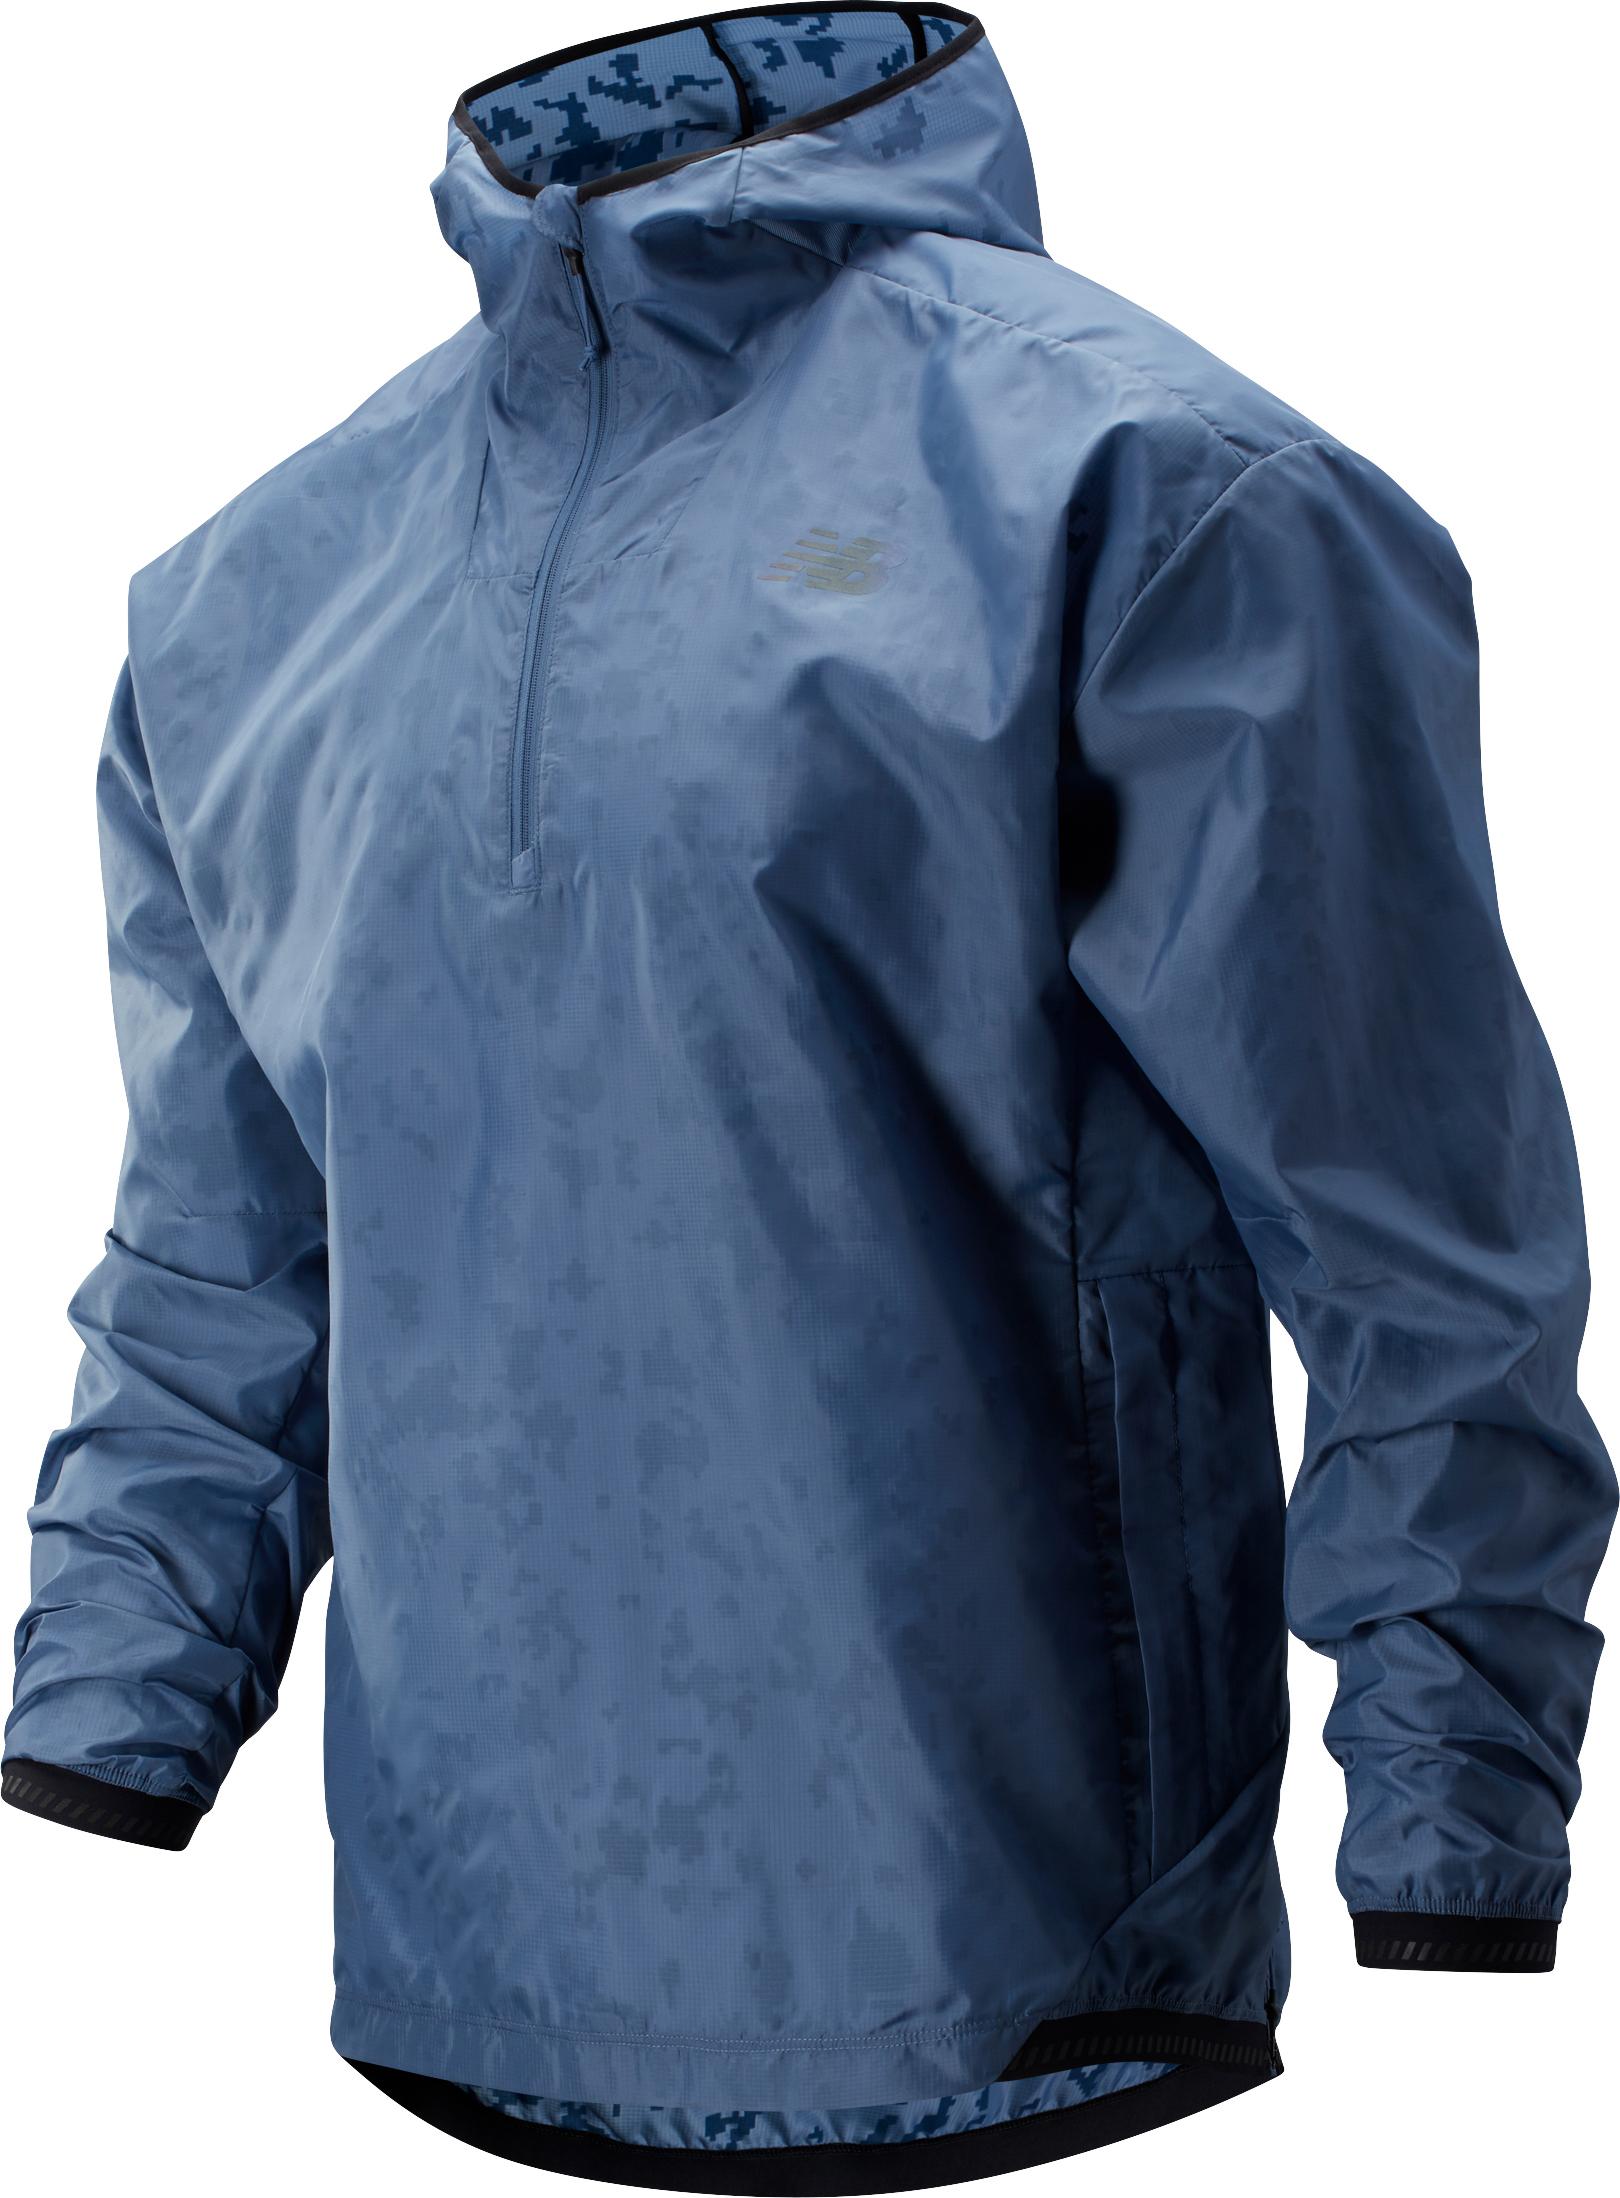 new balance jacket mec